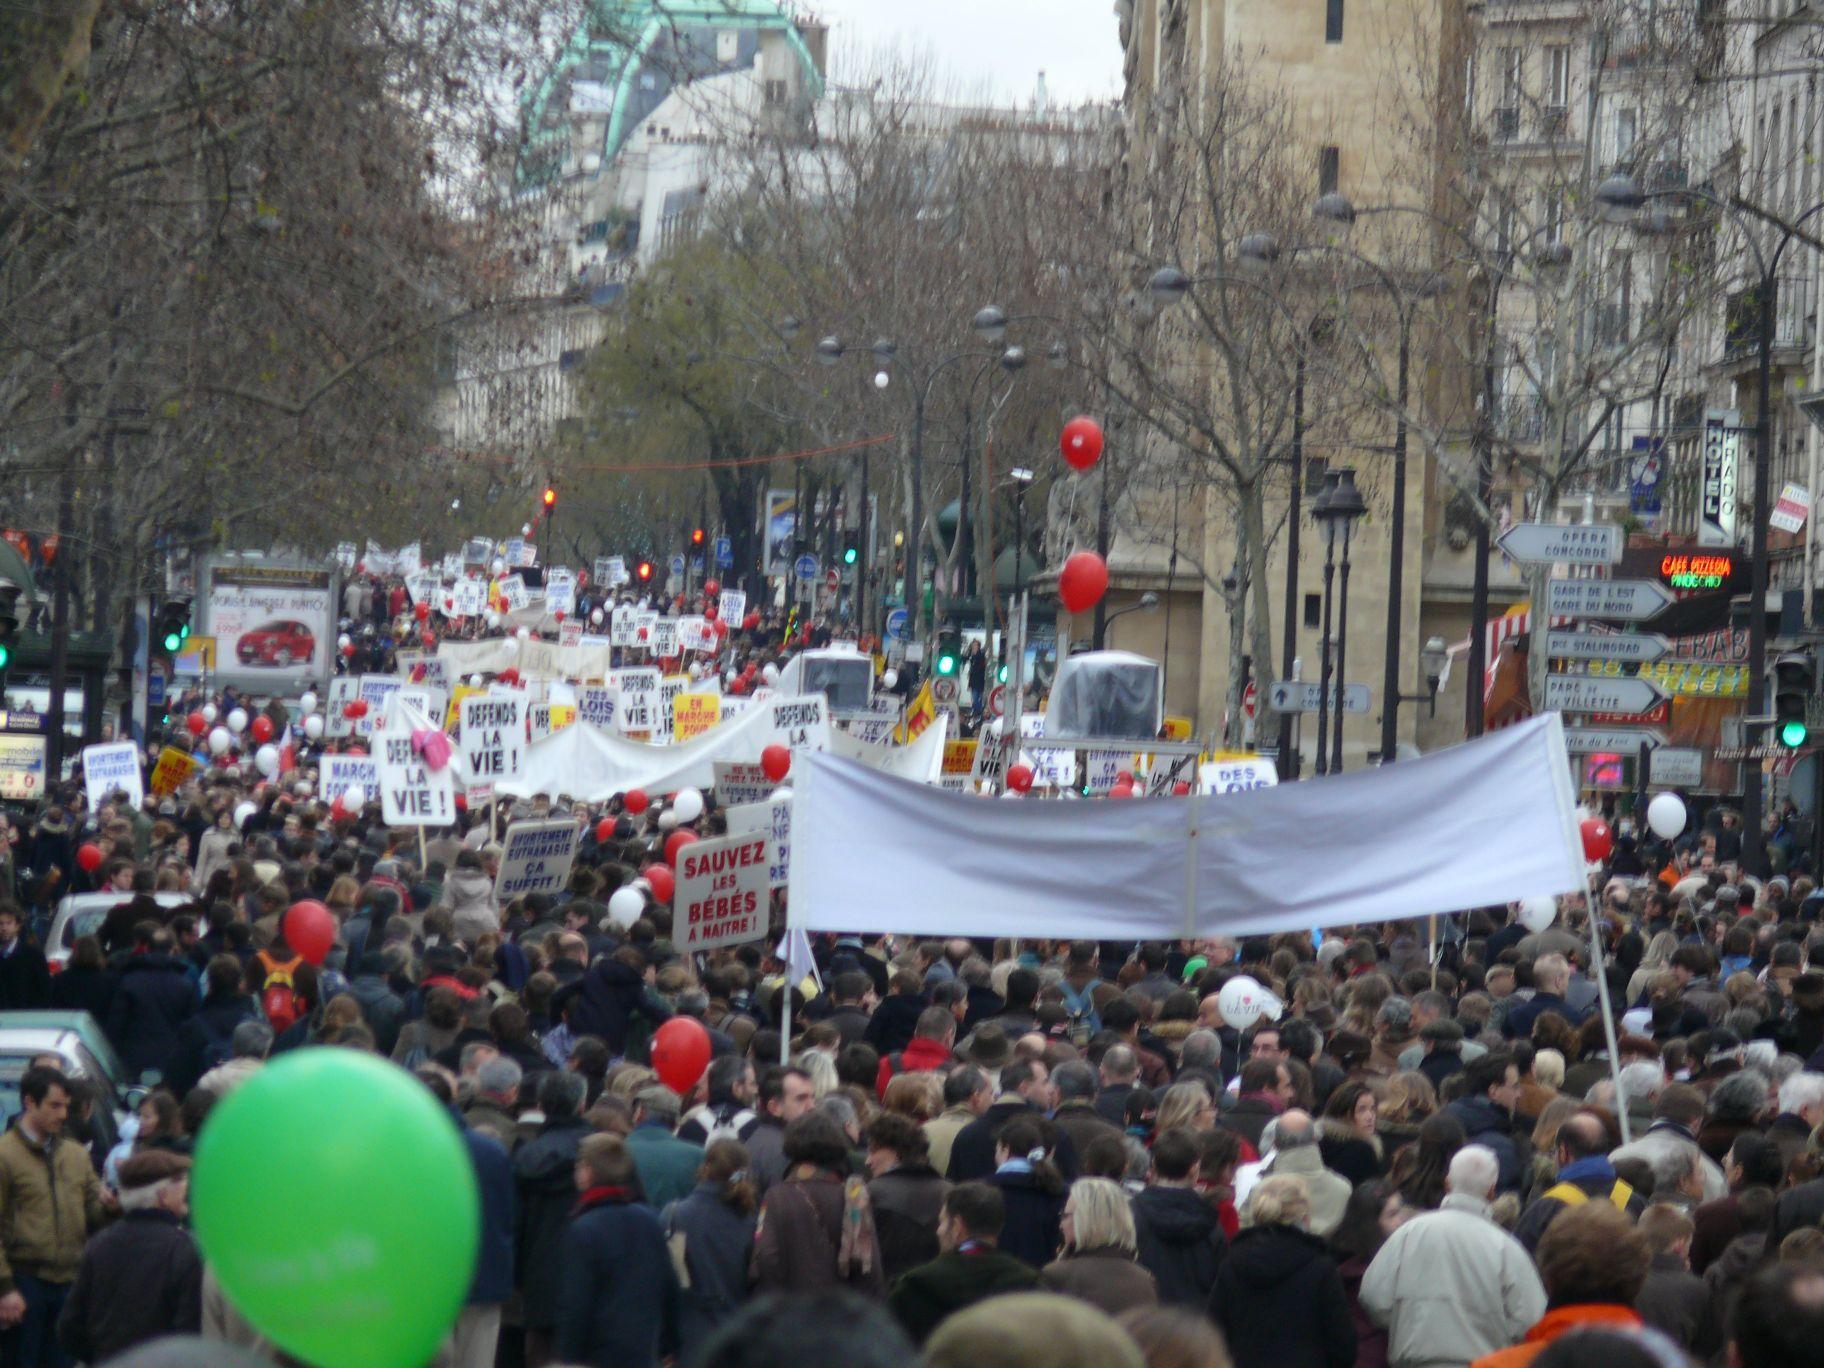 Entre 10 500 (ministère de l'Intérieur) et 50 000 (organisateurs) manifestants à la Marche pour la Vie de dimanche